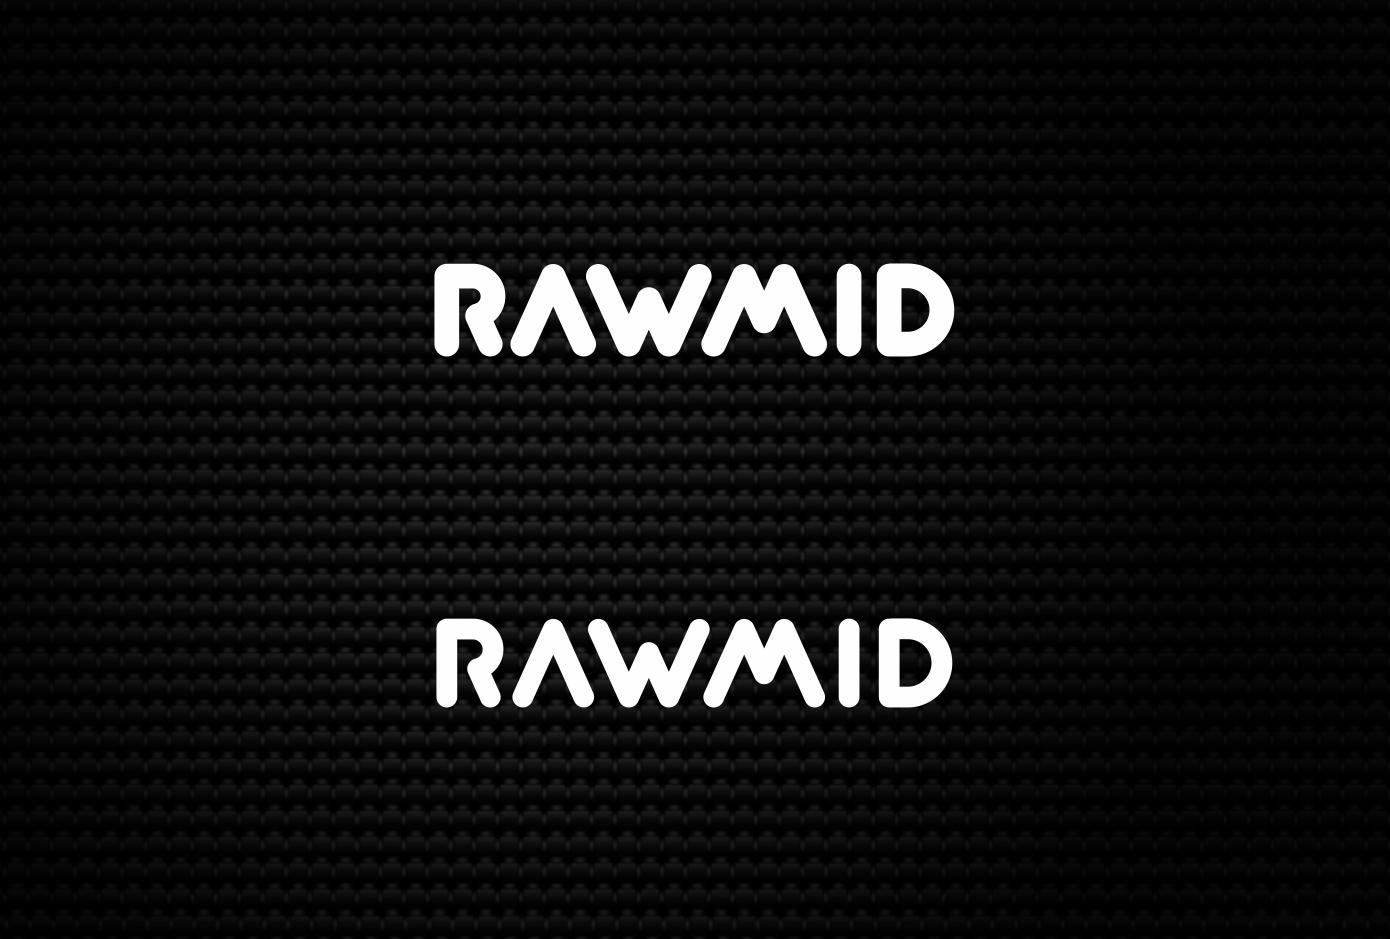 Создать логотип (буквенная часть) для бренда бытовой техники фото f_3695b3c26f79bf97.png